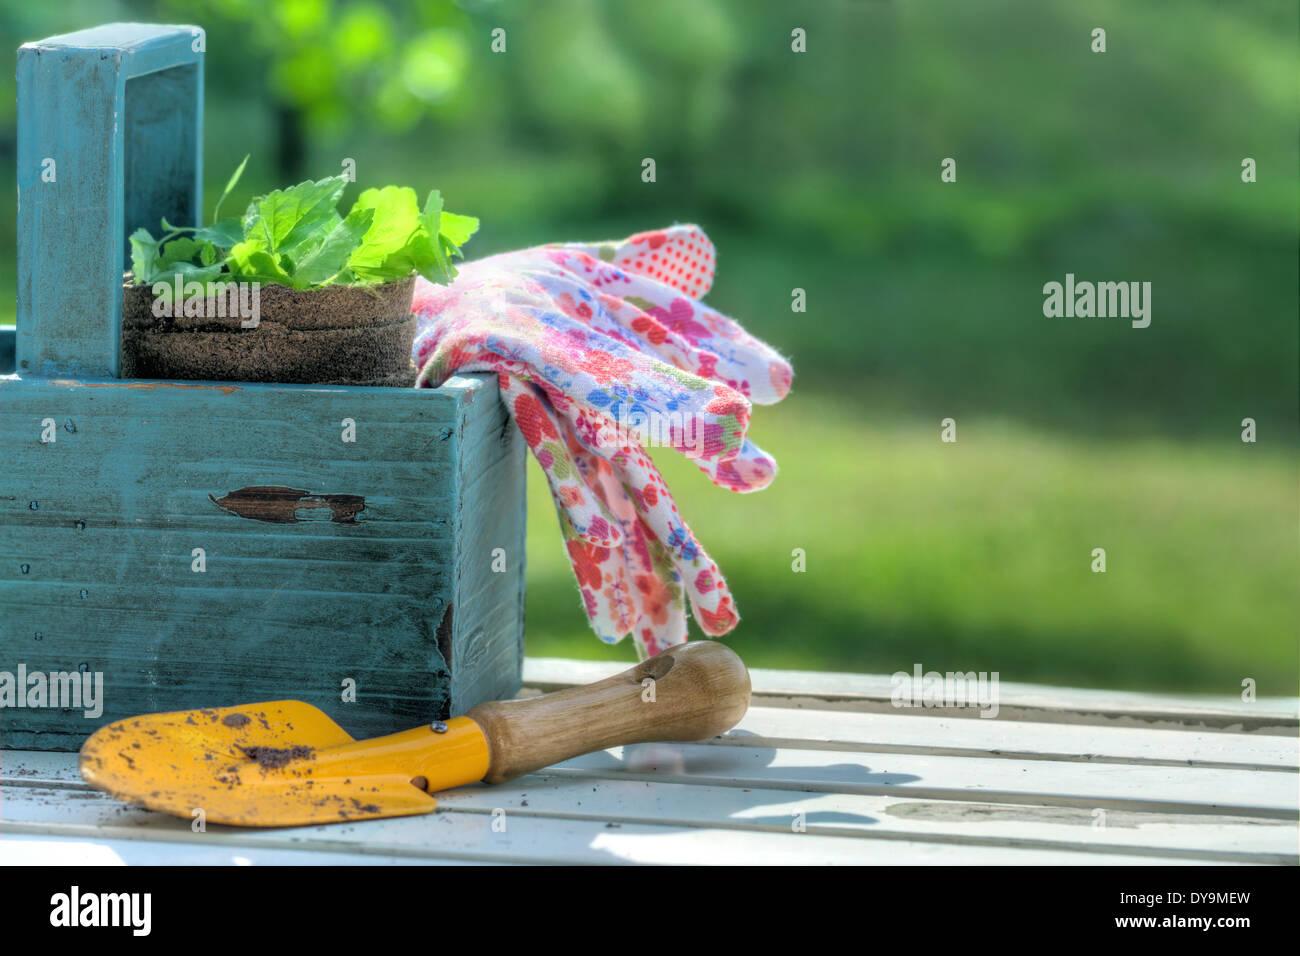 Outils de jardin dans une boîte à outils en bois bleu sur fond vert de jardin - concept pour le jardinage Banque D'Images